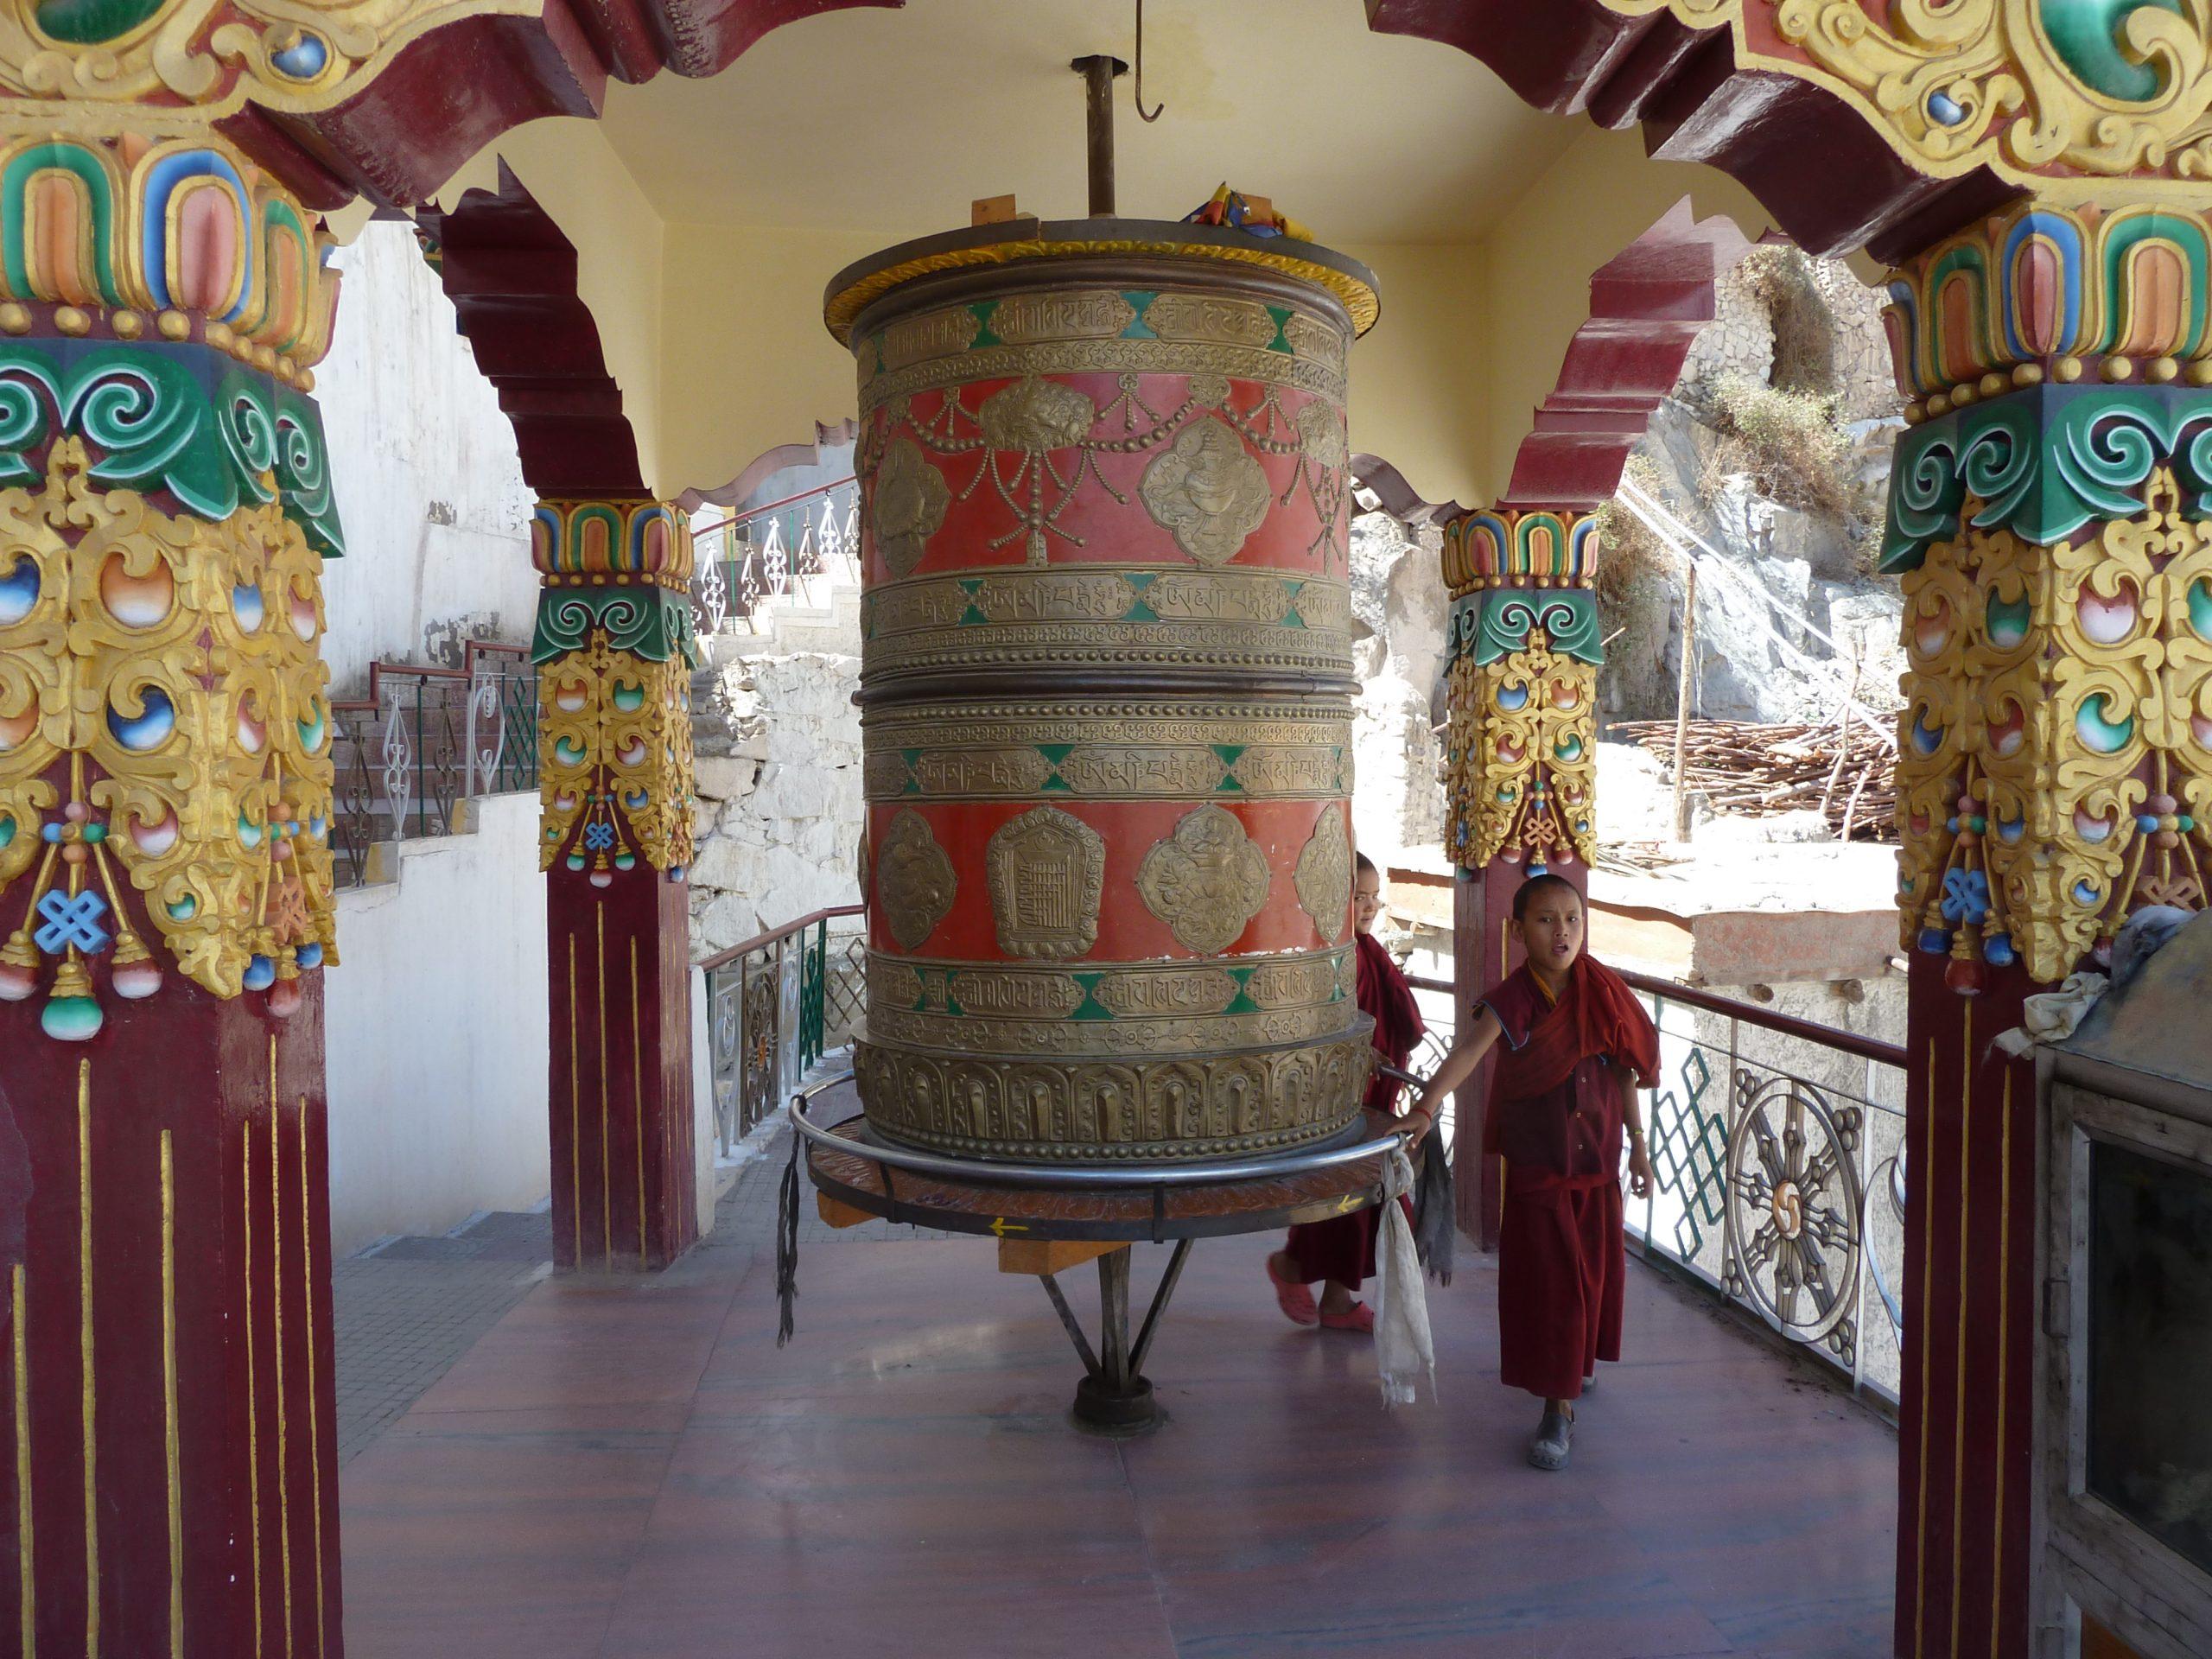 Radreise Ladakh 2012 - Novizen an der Gebetsmühle im Kloster Spituk